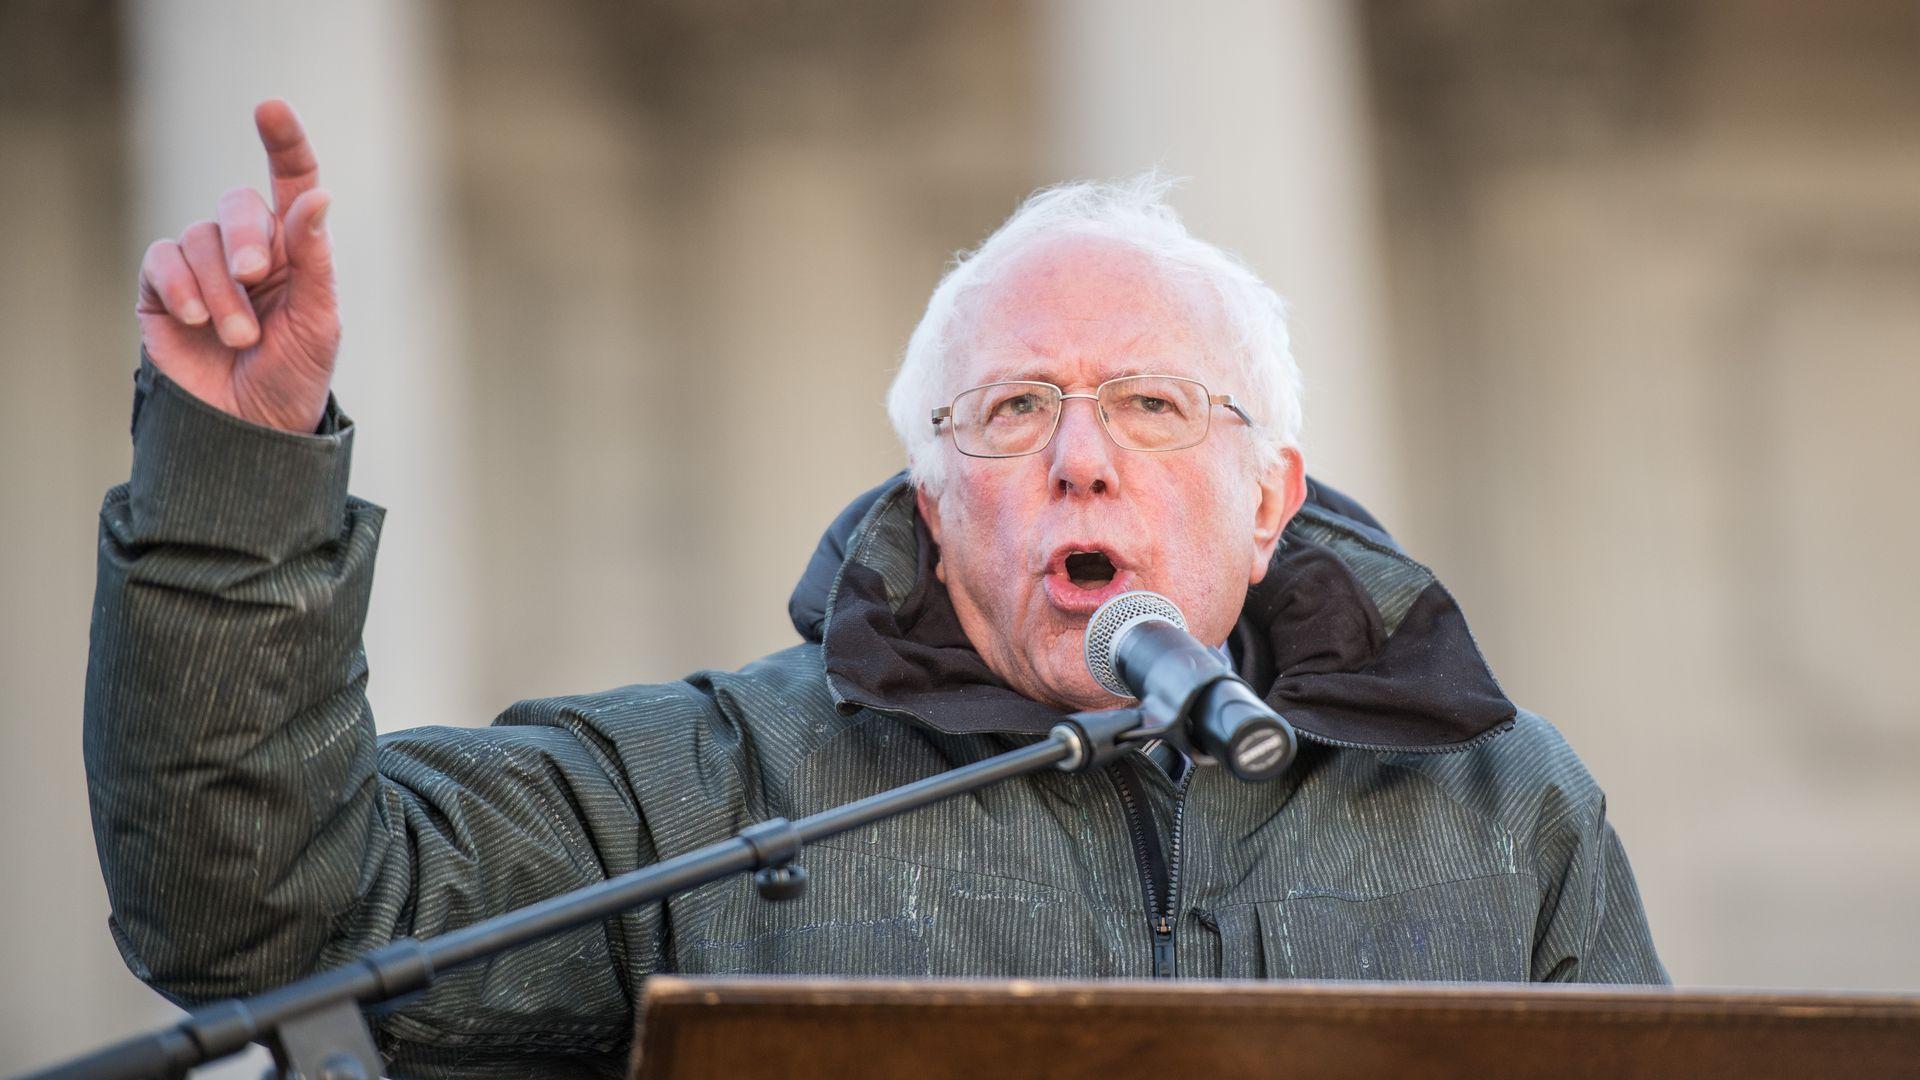 Bernie Sanders speaks at a podium